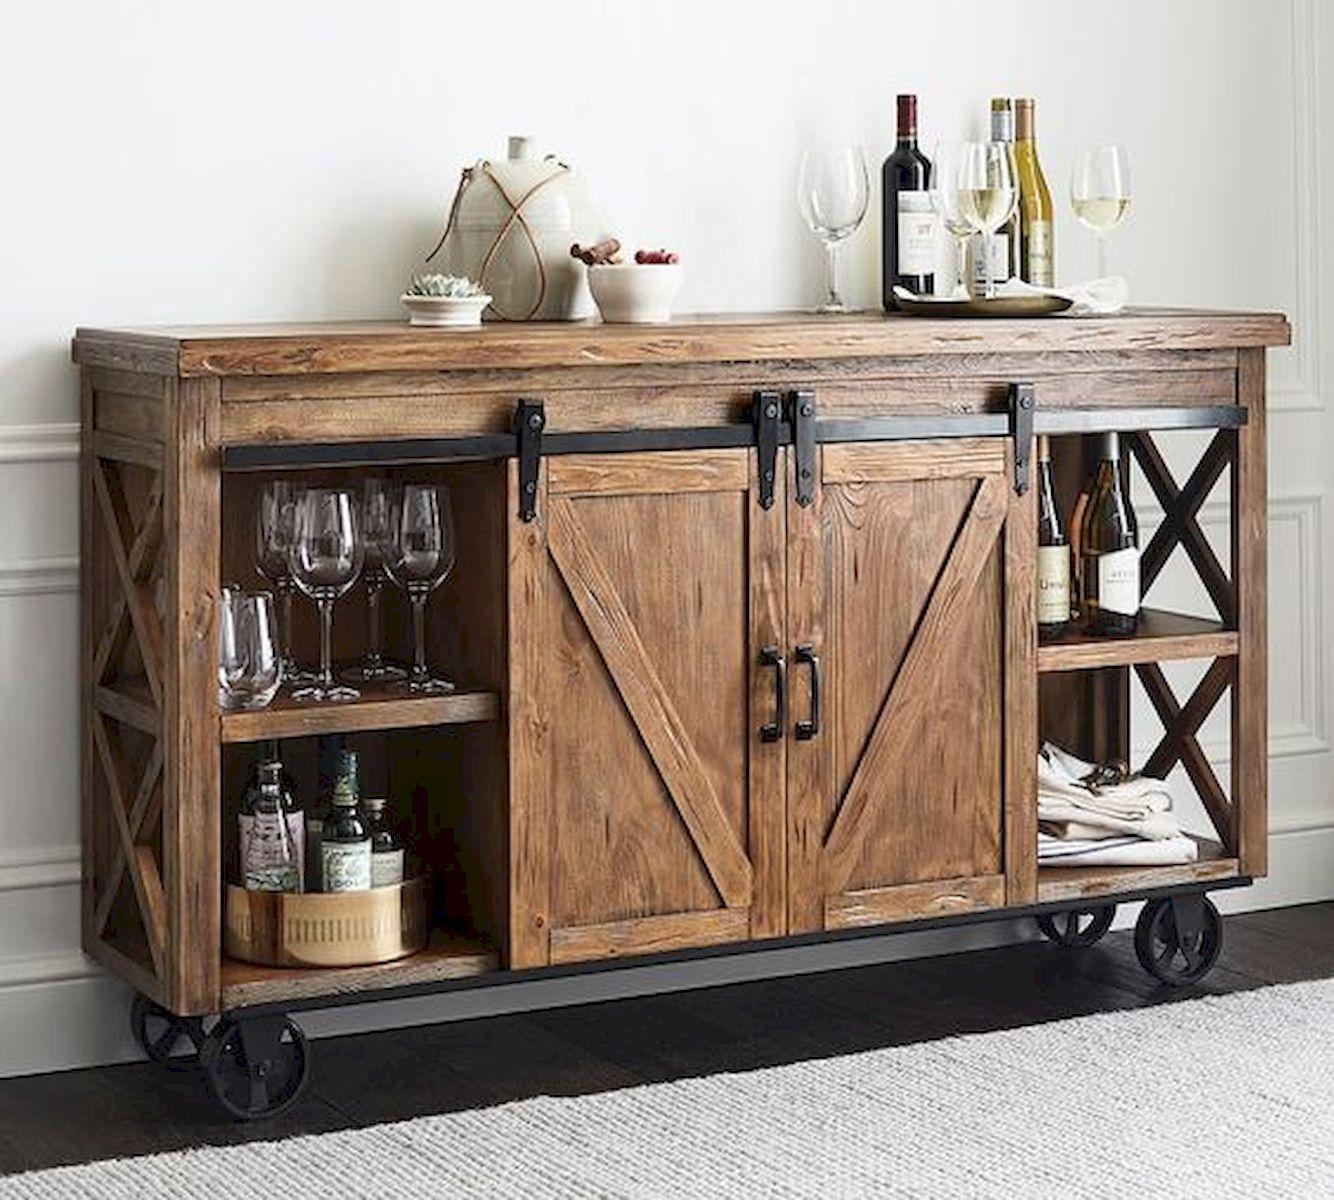 50 Amazing DIY Pallet Kitchen Cabinets Design Ideas (27 ...